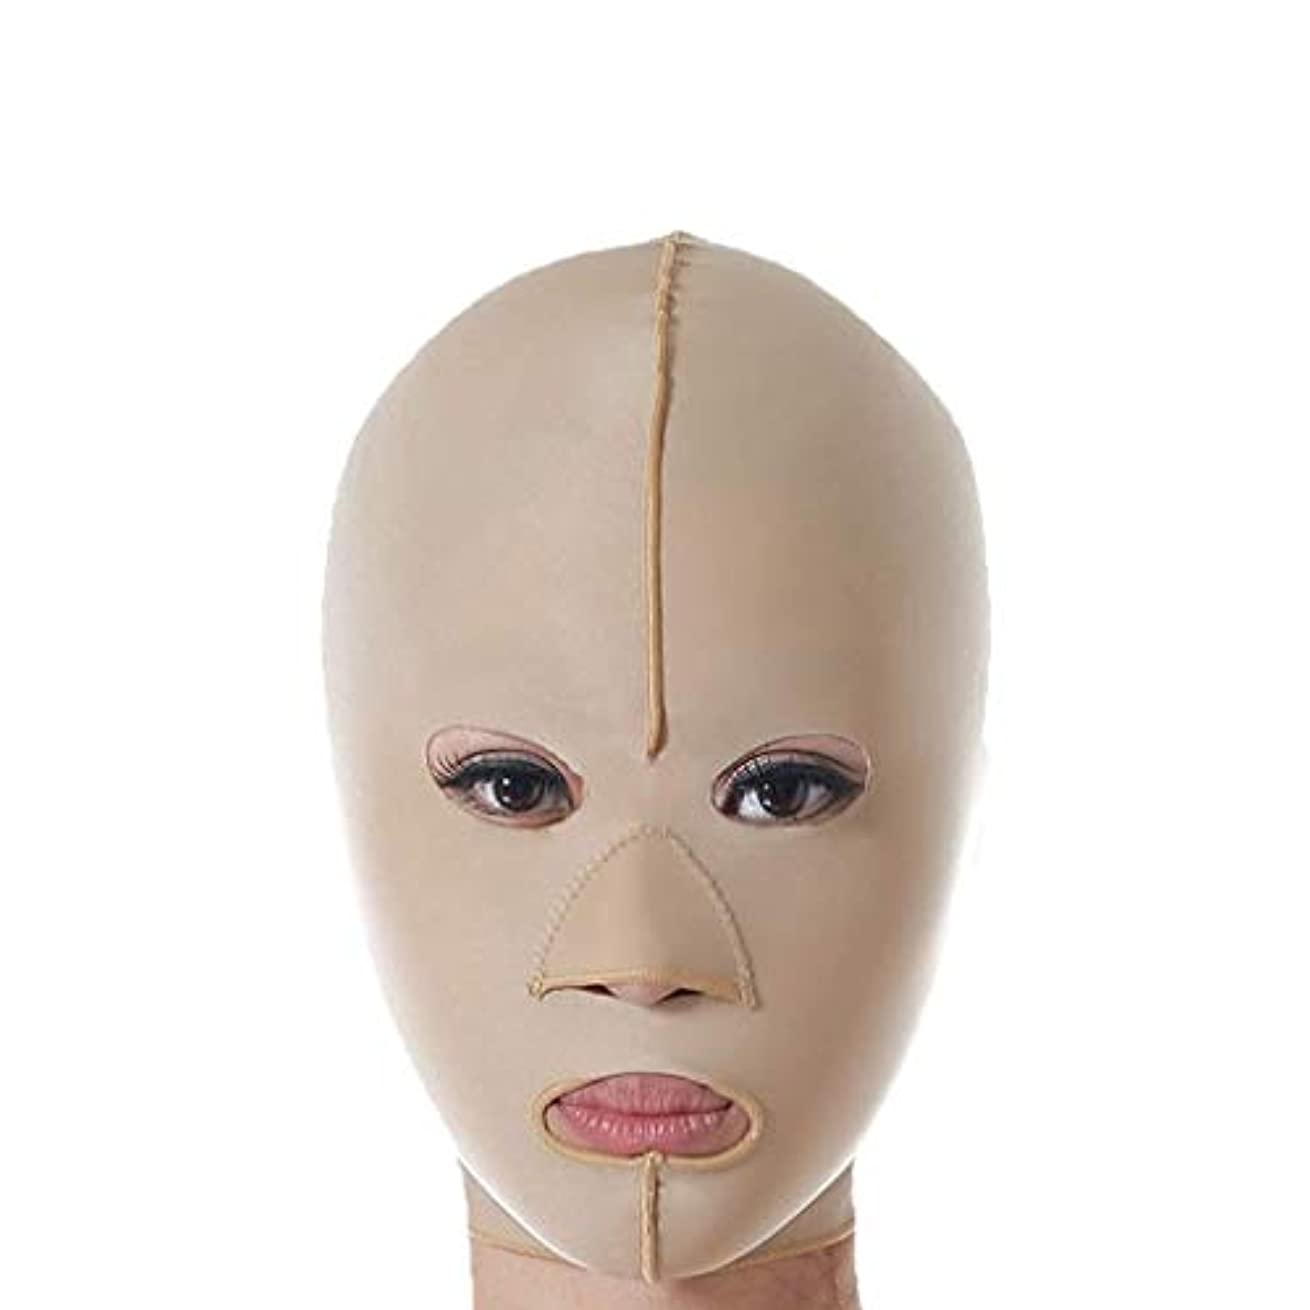 基準ほんの積分減量フェイスマスク、リフティング包帯、スリムフェイスリフトリフティングベルト、フェイシャル減量リフティング包帯、リフティングファーミング包帯(サイズ:XL),XL